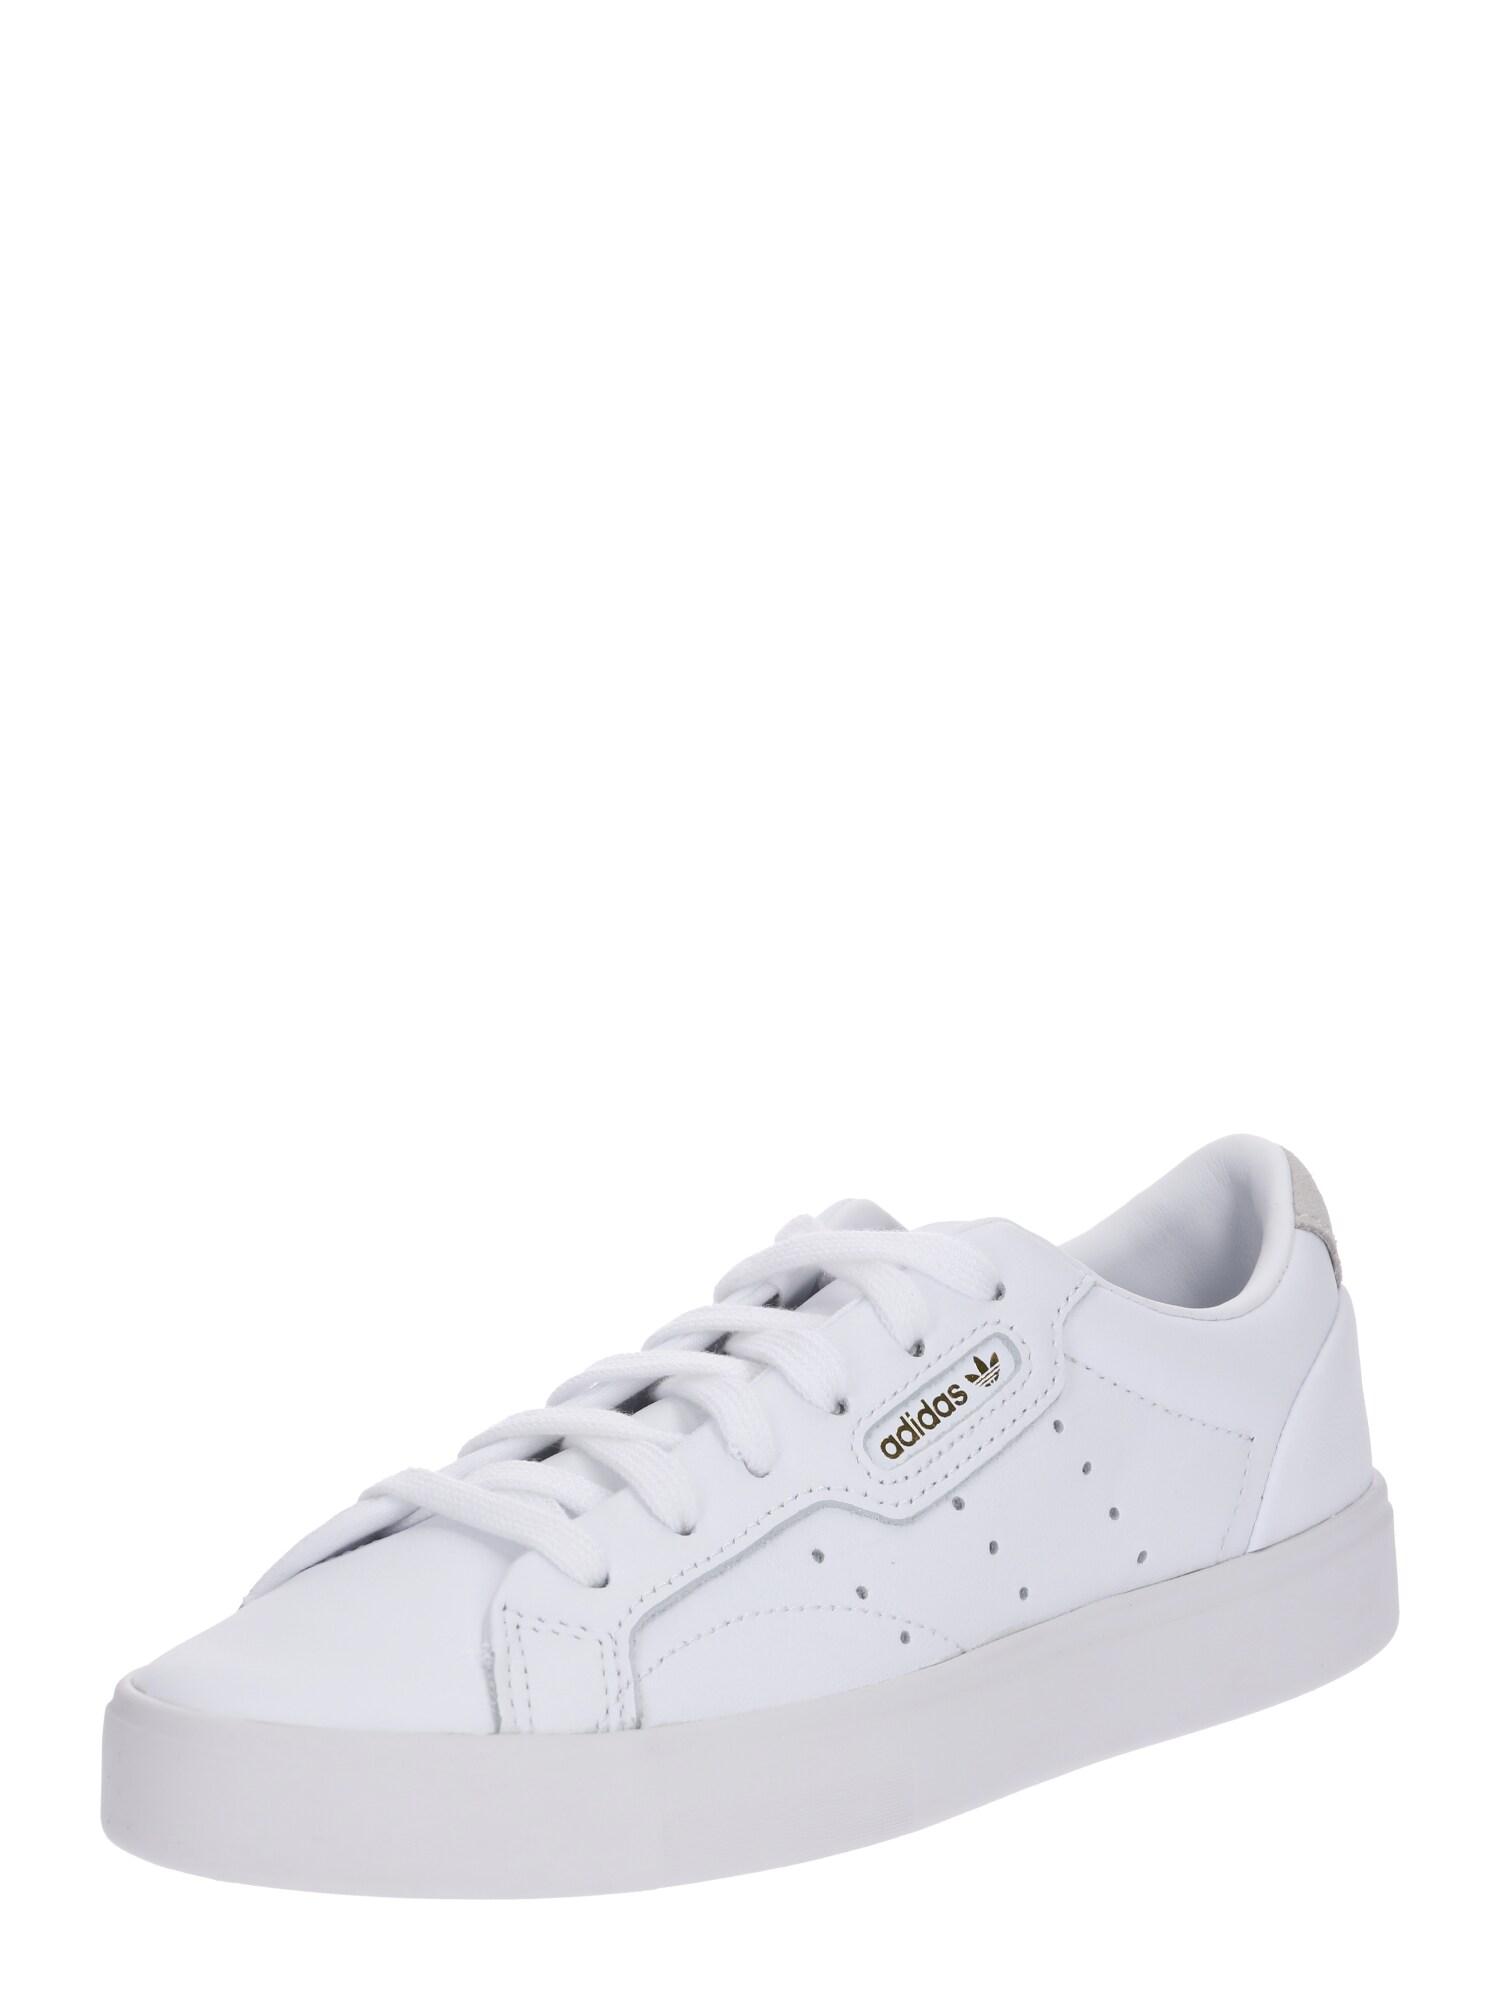 ADIDAS ORIGINALS, Dames Sneakers laag 'Sleek', wit